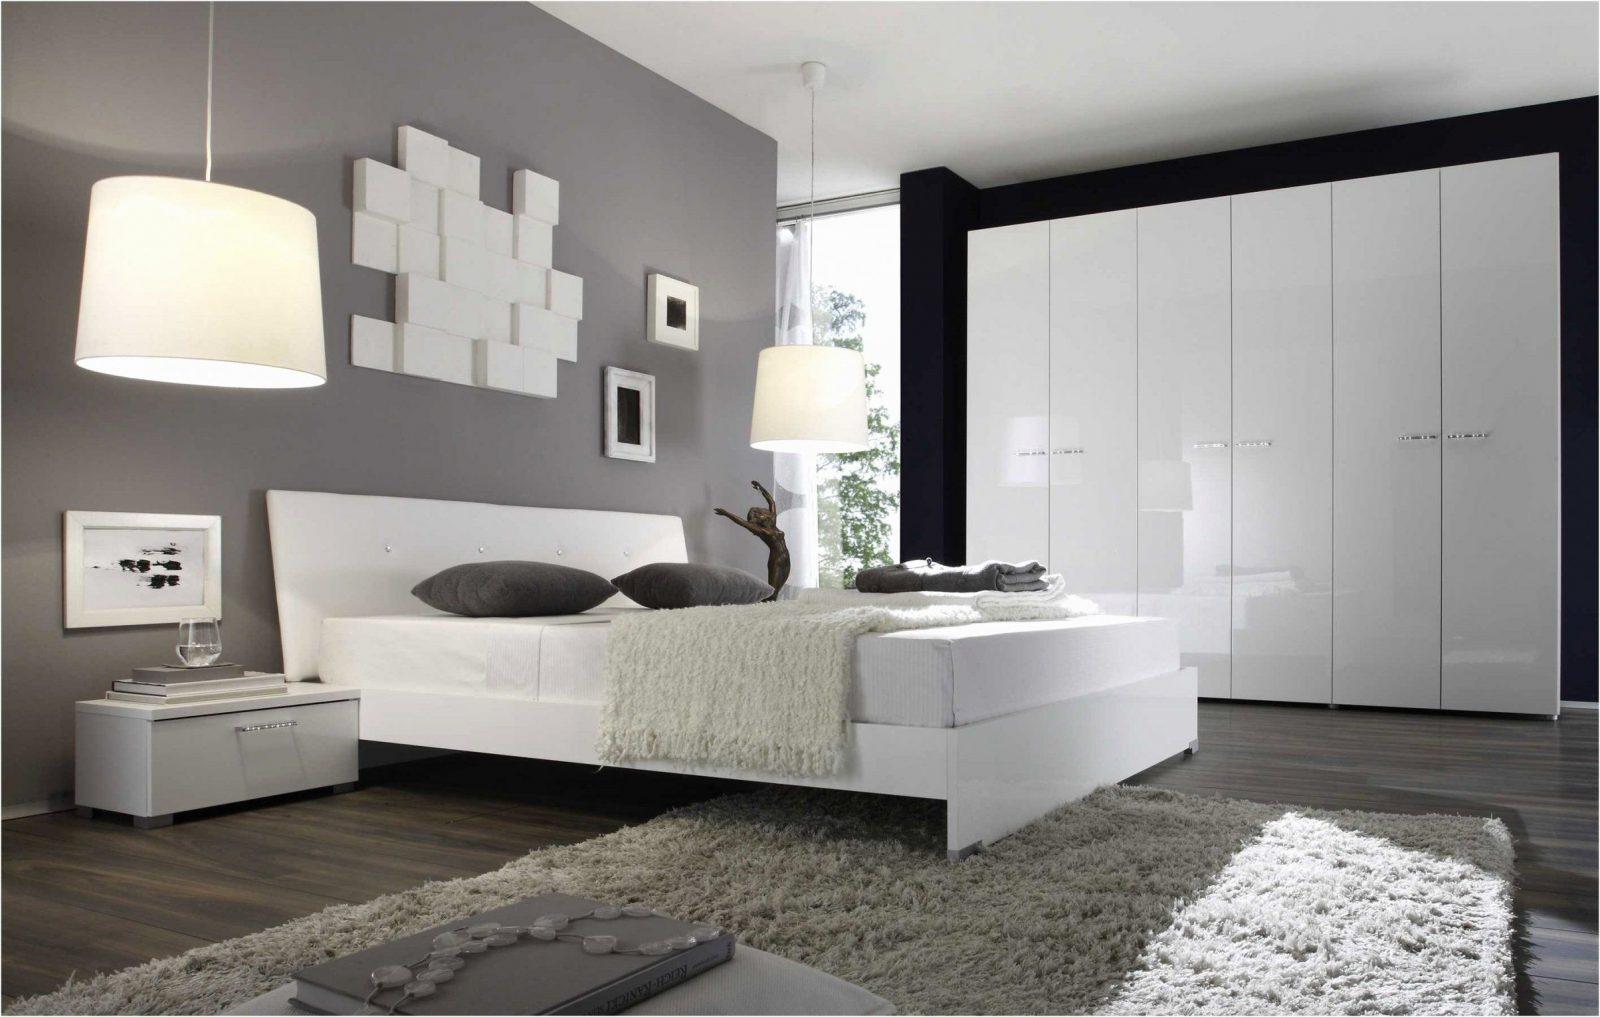 Glänzend Wandfarbe Zu Weißen Möbeln  Kpelavrio von Wandfarbe Zu Weißen Möbeln Bild